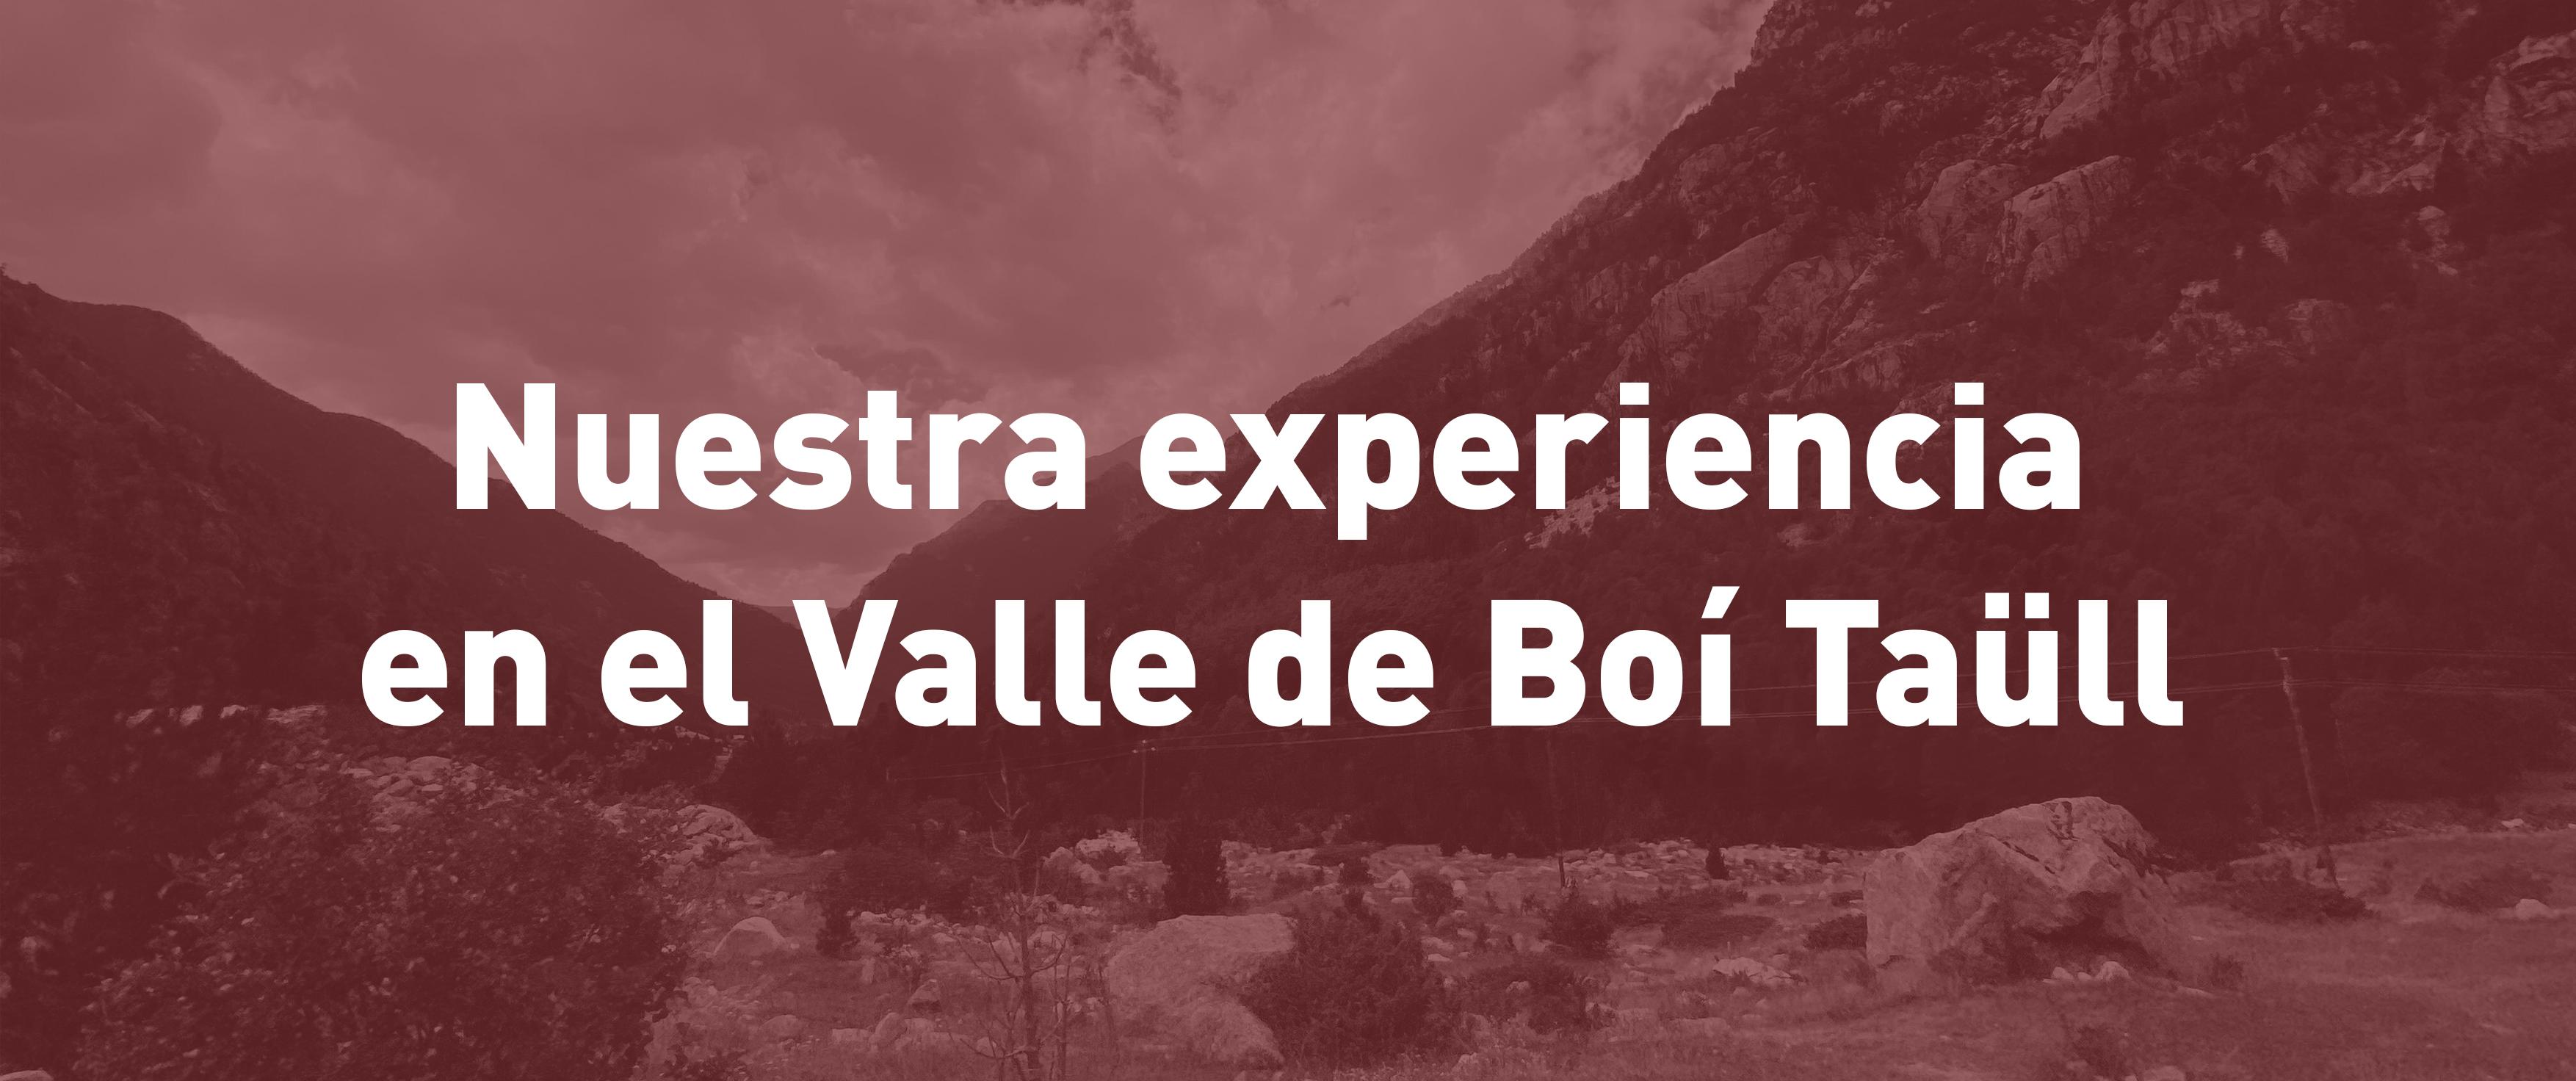 ¿Qué hacer en Boí Taüll en verano? Te lo contamos TODO.